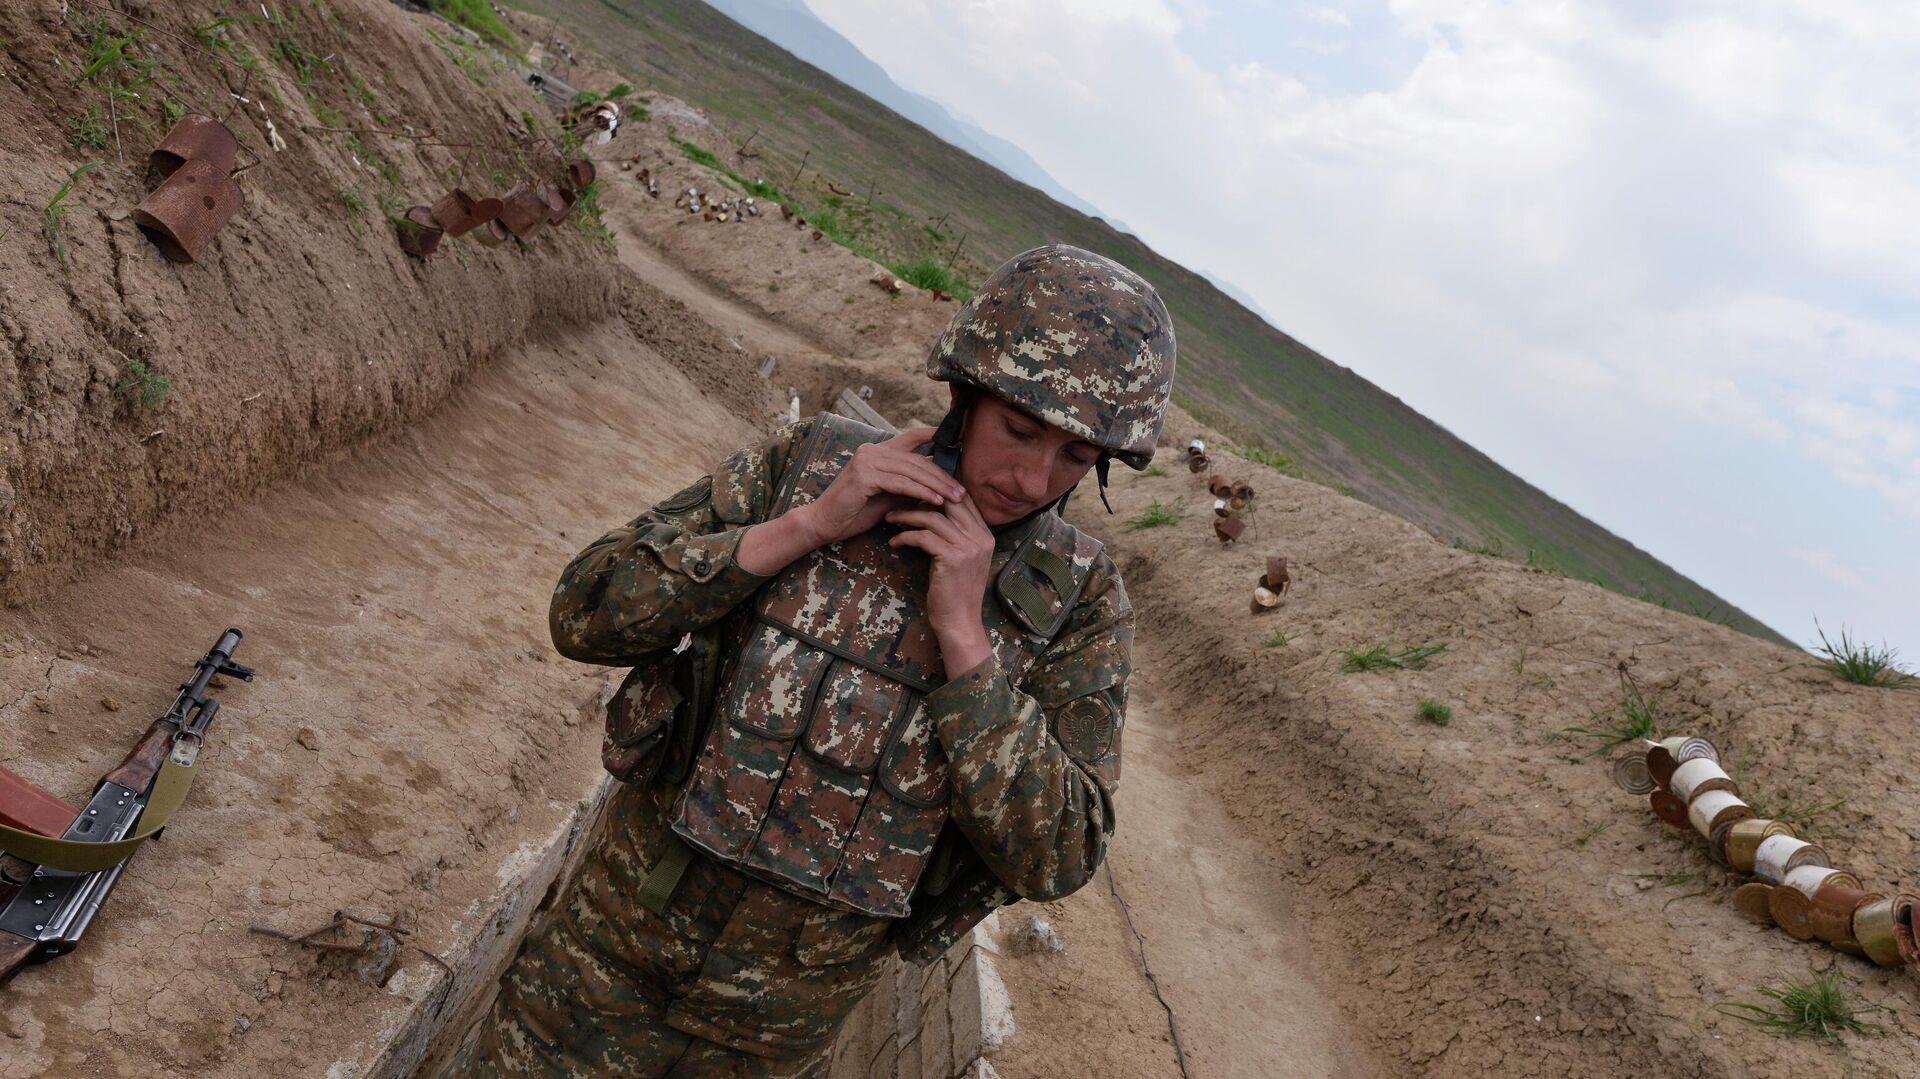 Военнослужащий в зоне карабахского конфликта - РИА Новости, 1920, 01.10.2020